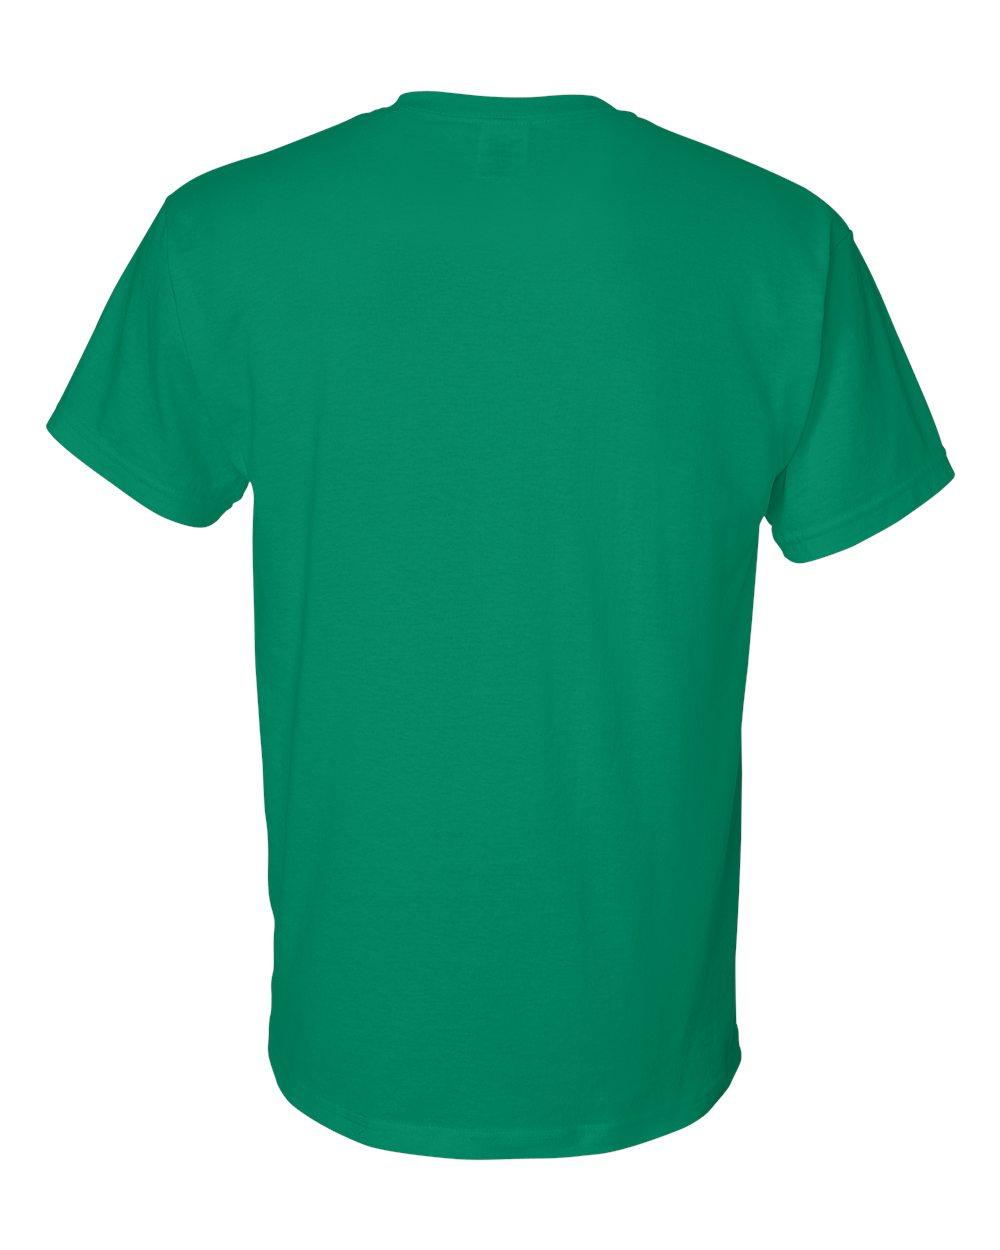 Gildan-Mens-DryBlend-5-6-oz-50-50-T-Shirt-G800-Size-S-5XL thumbnail 45